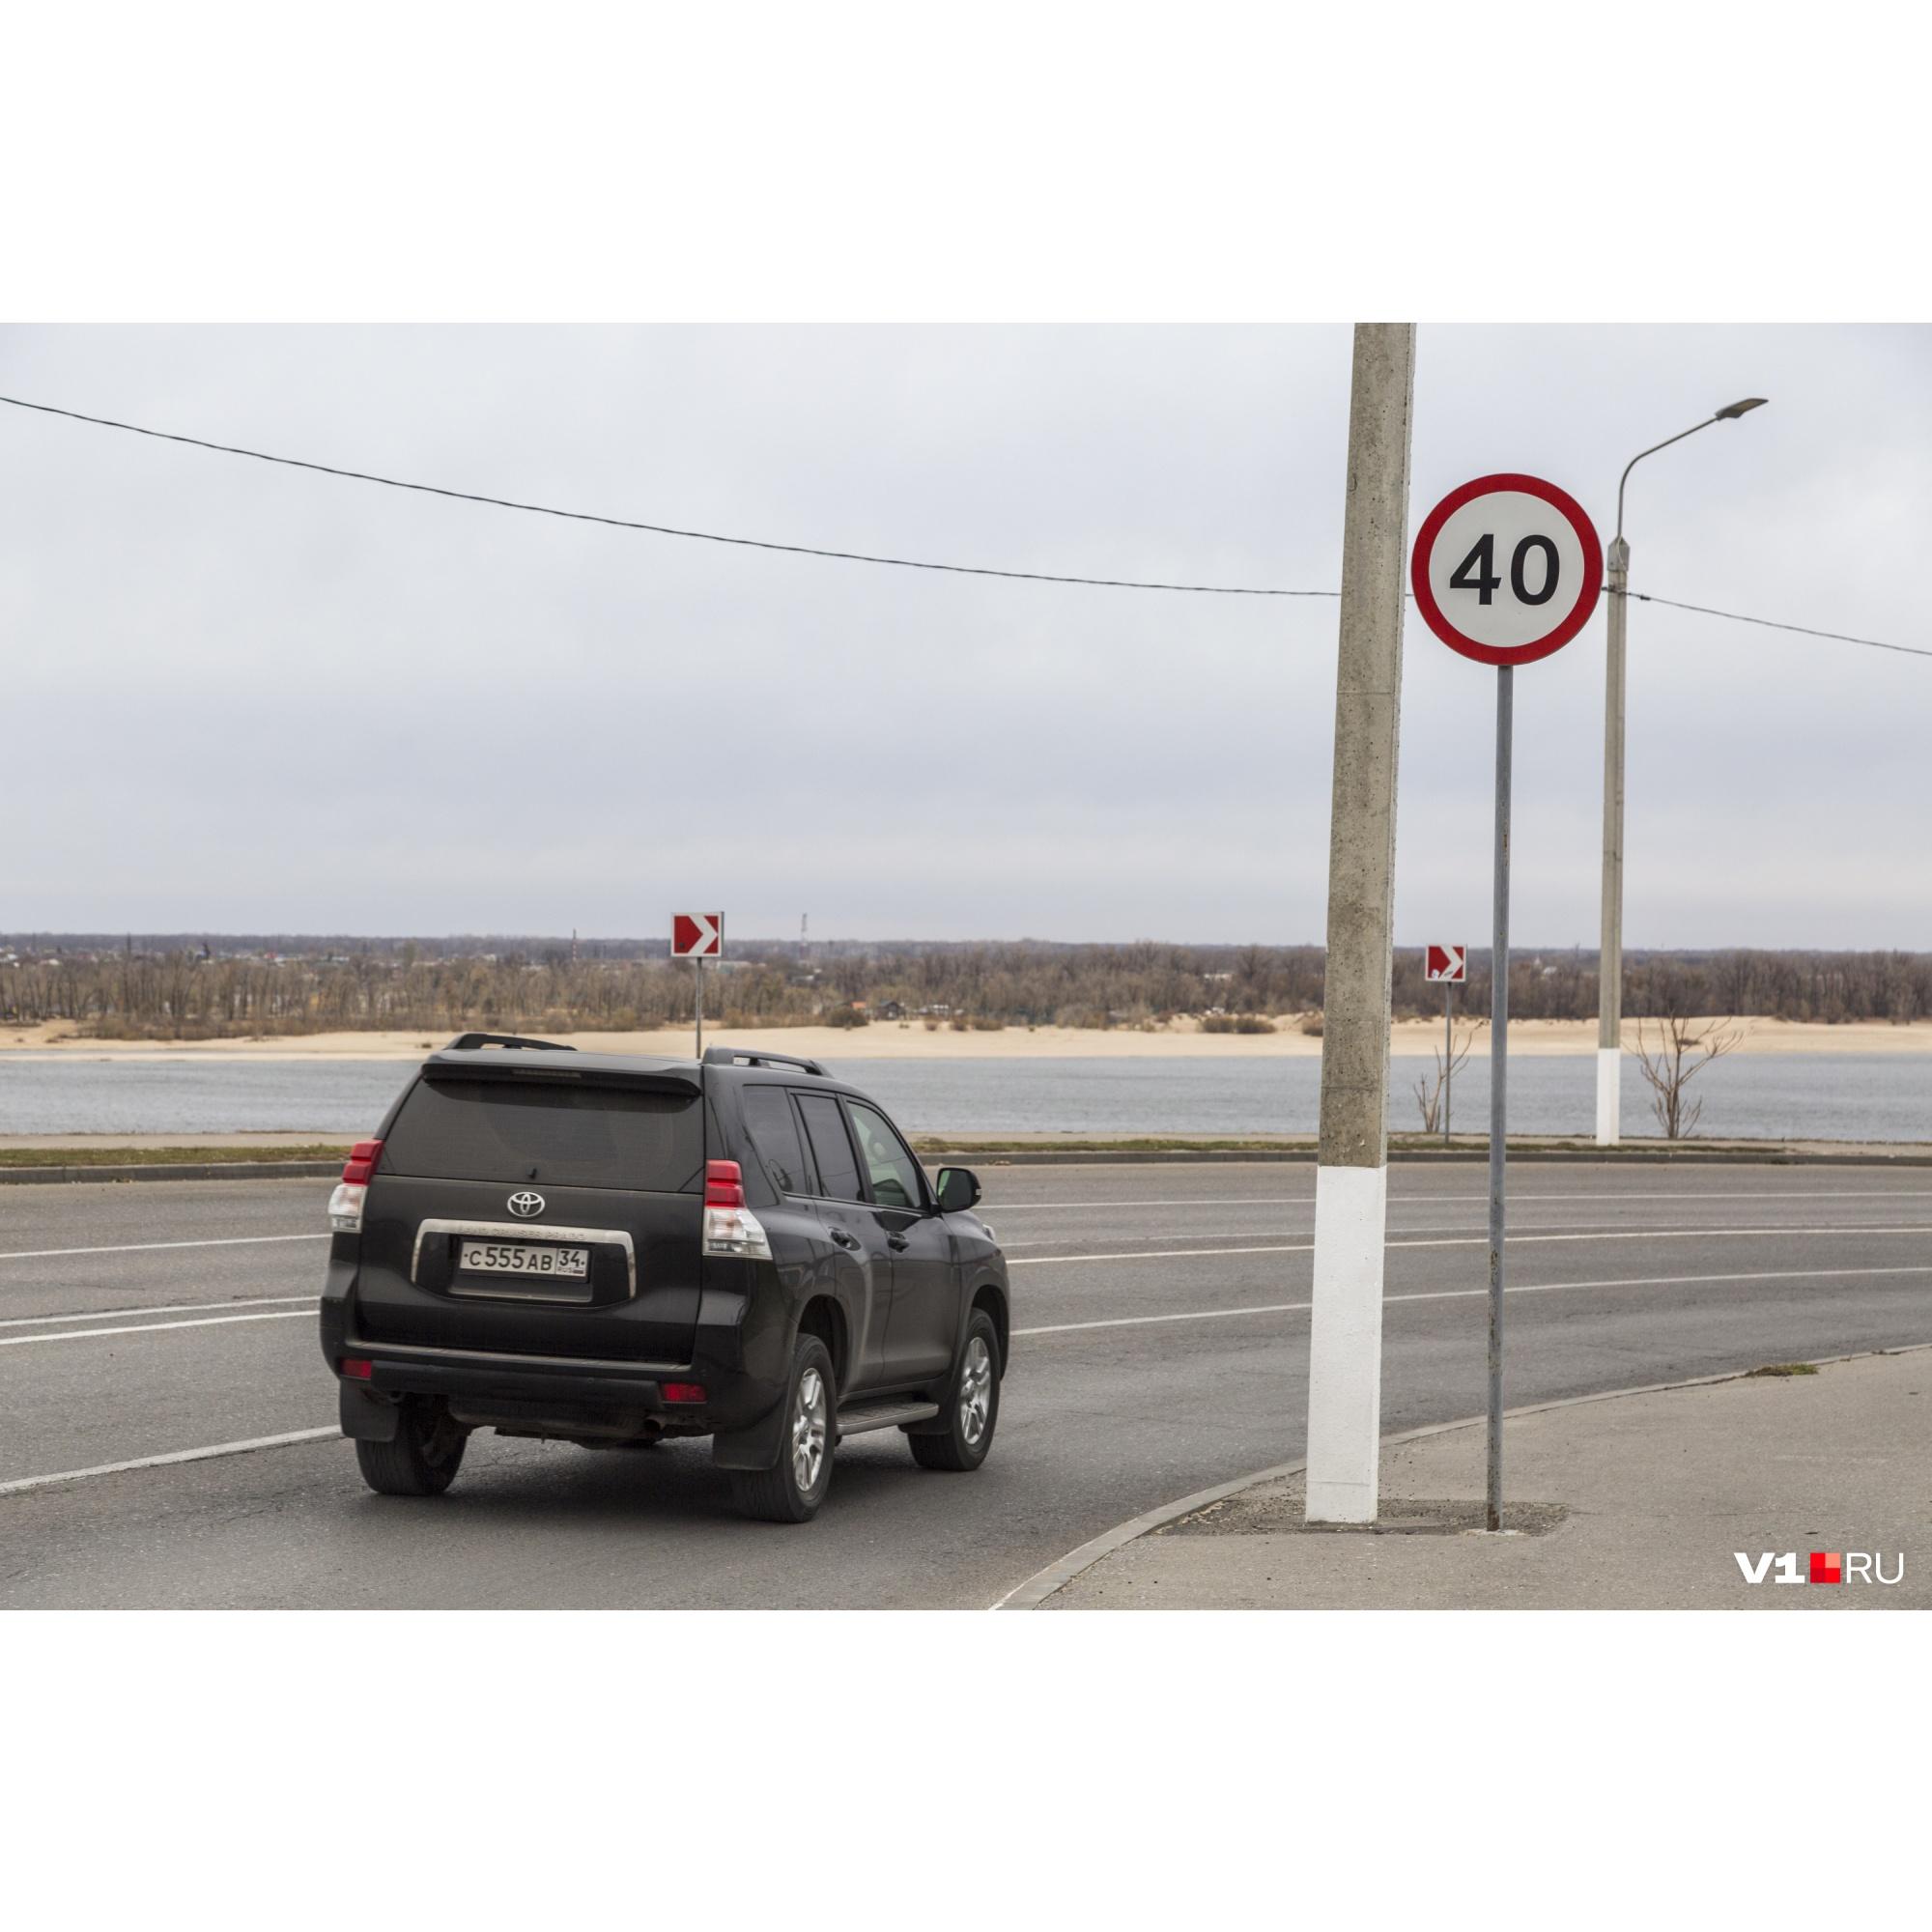 Ограничивающий скорость знак исчез только после массового возмущения автомобилистов